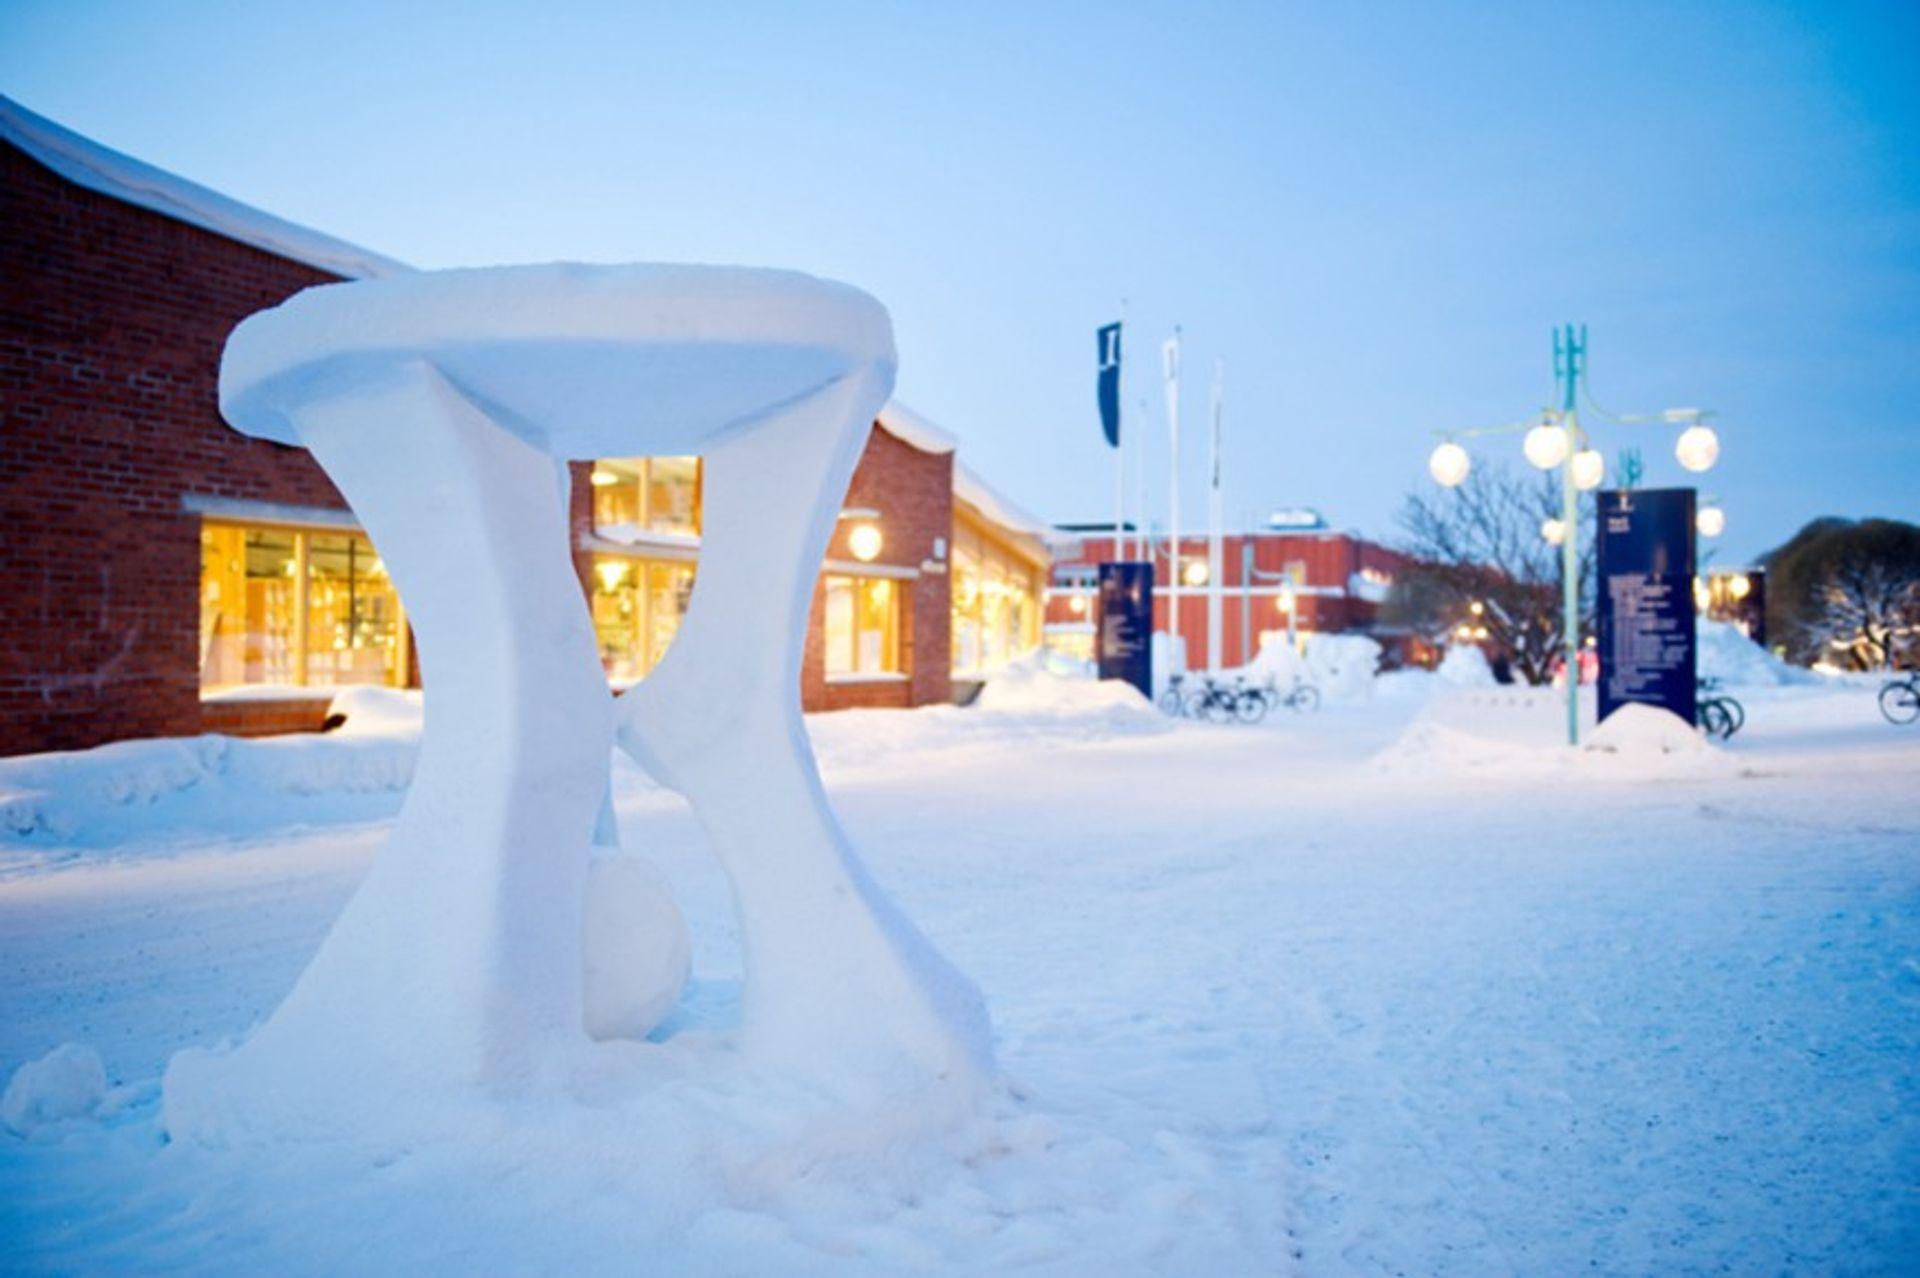 Luleå Tekniska Universitet Campus